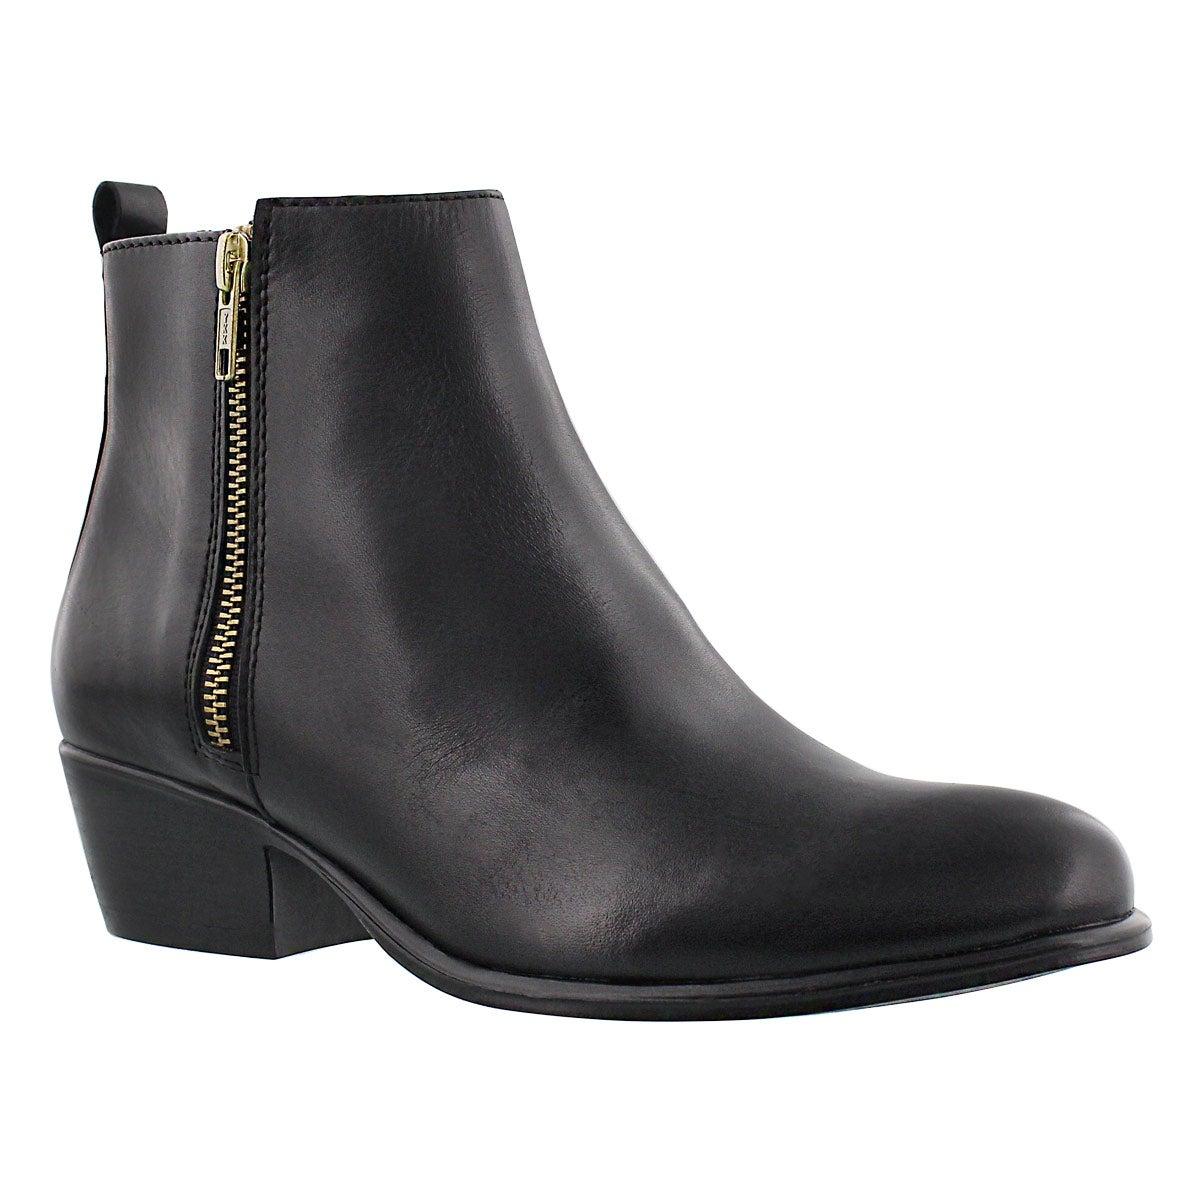 Lds Neovista blk lthr zip up ankle boot